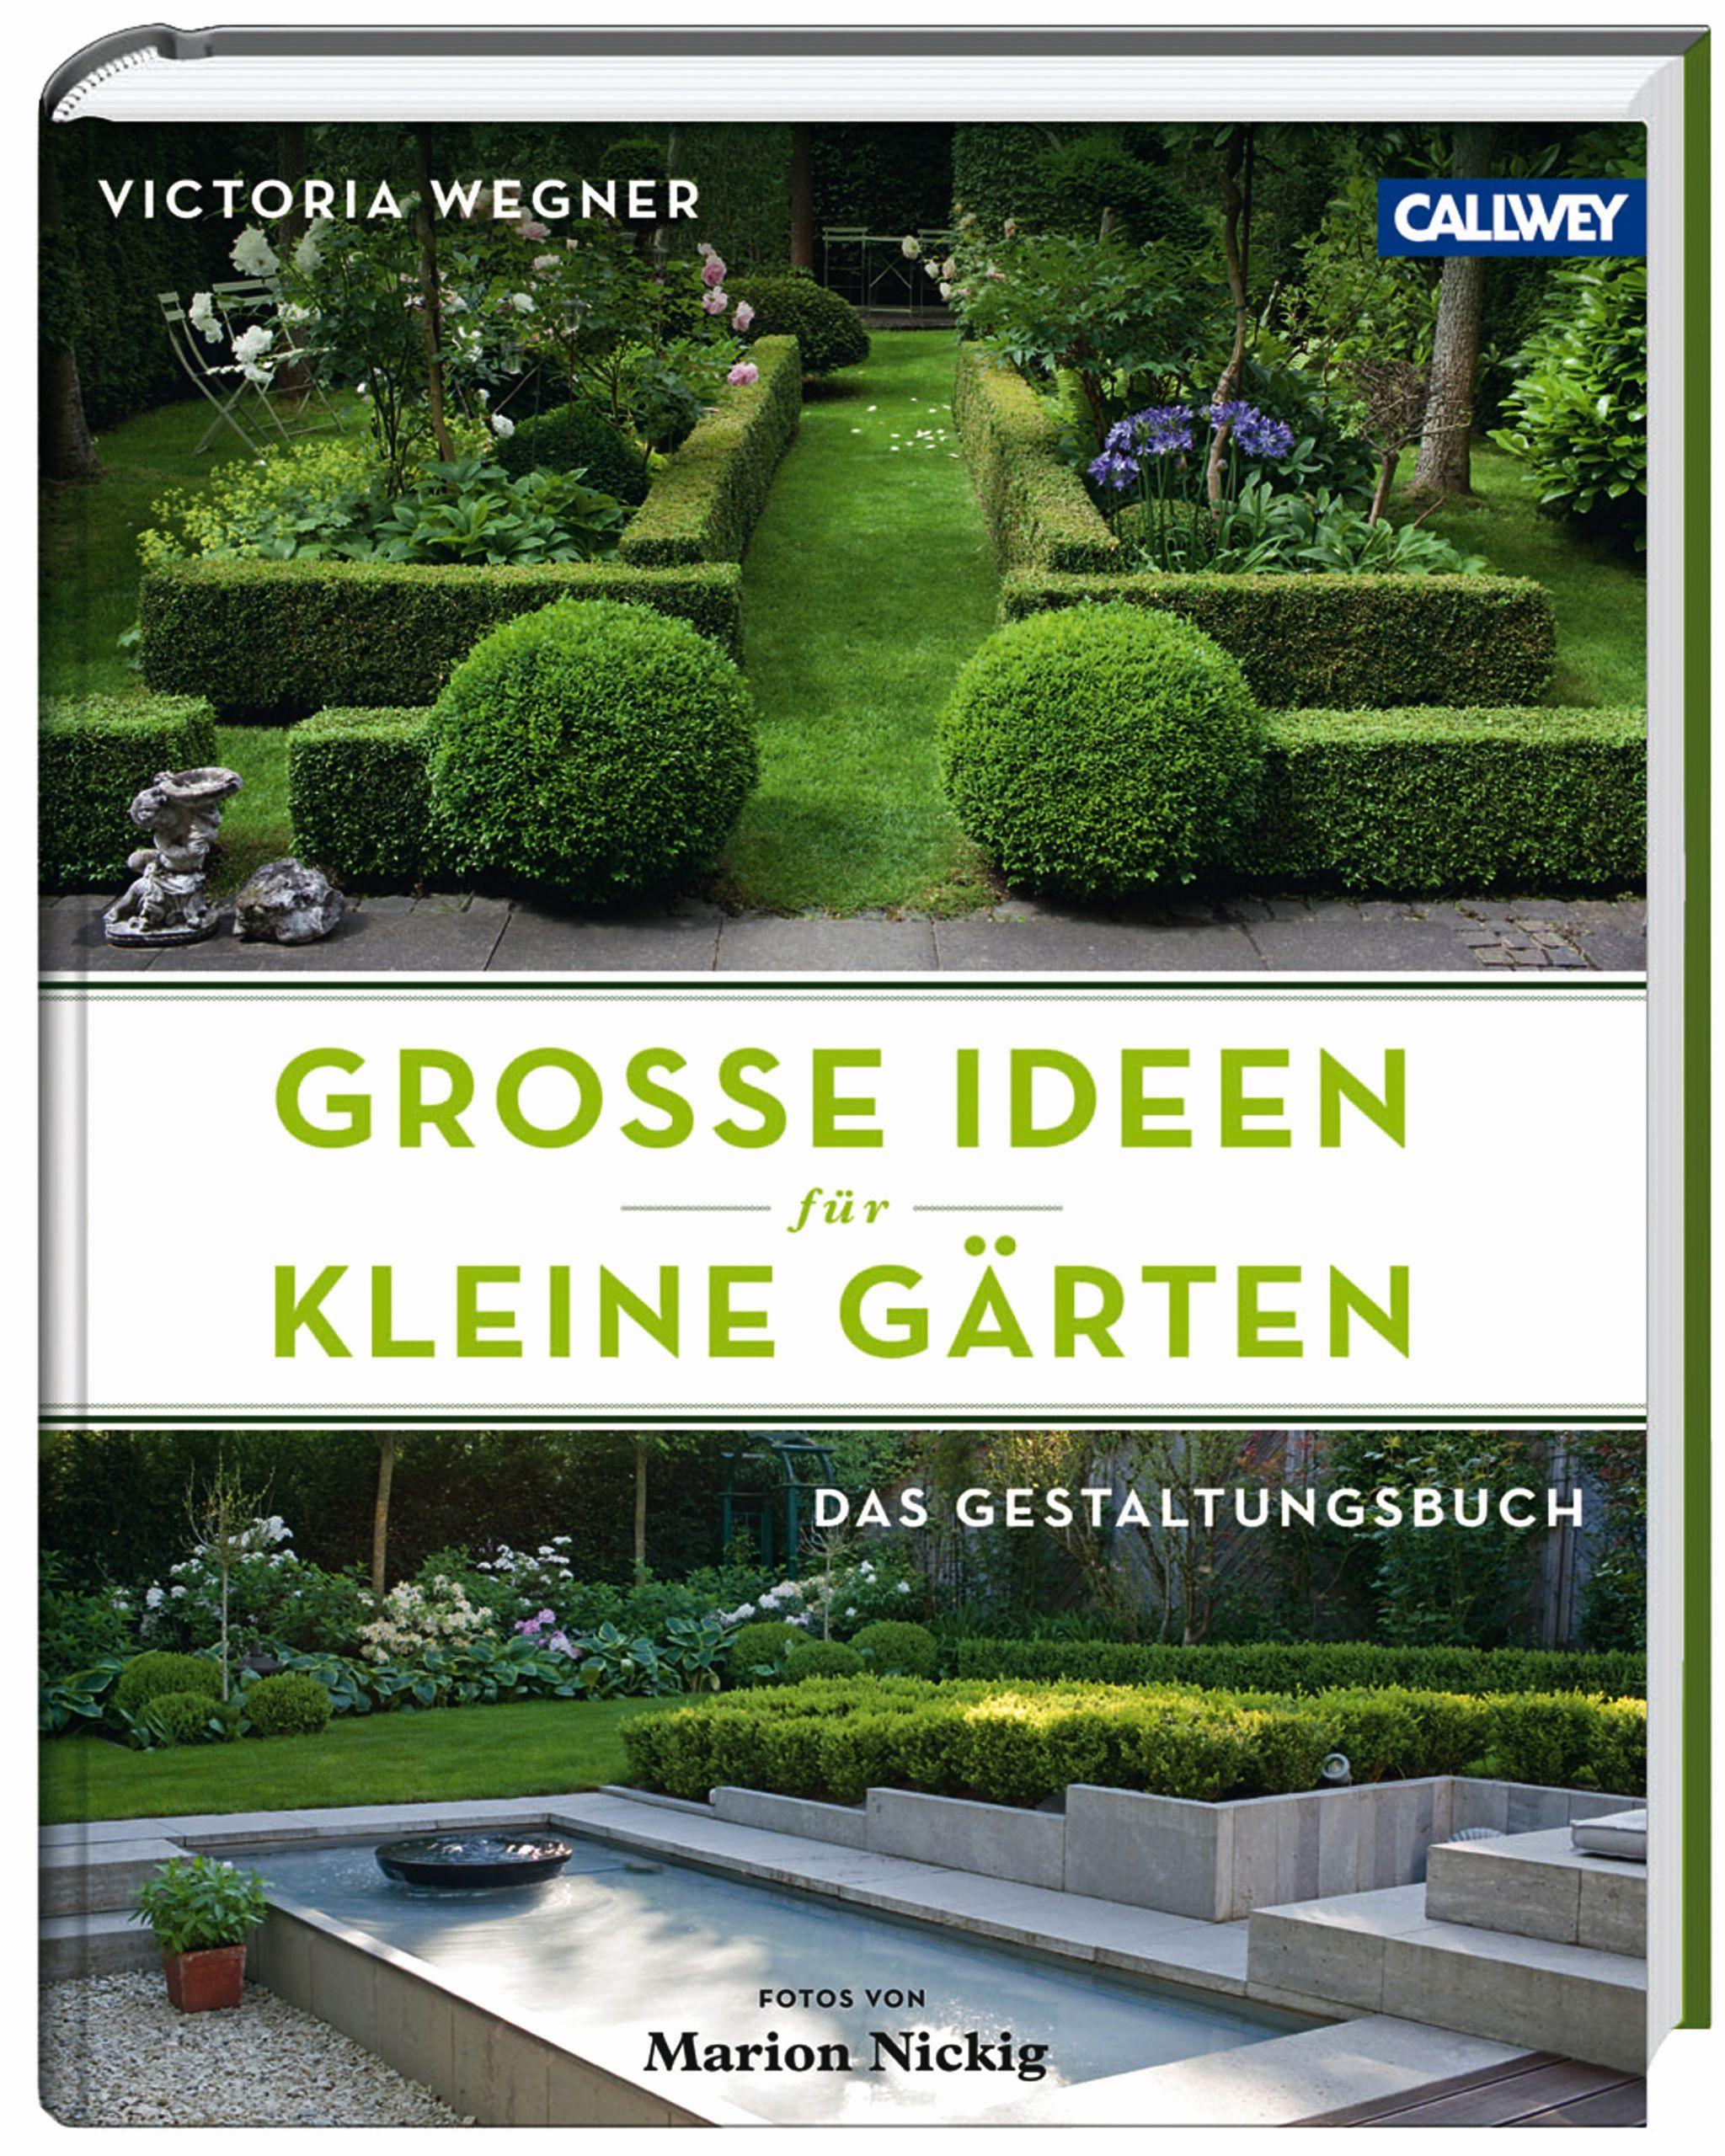 Ideen Für Gartengestaltung Schön Gartengestaltung Kleine Garten